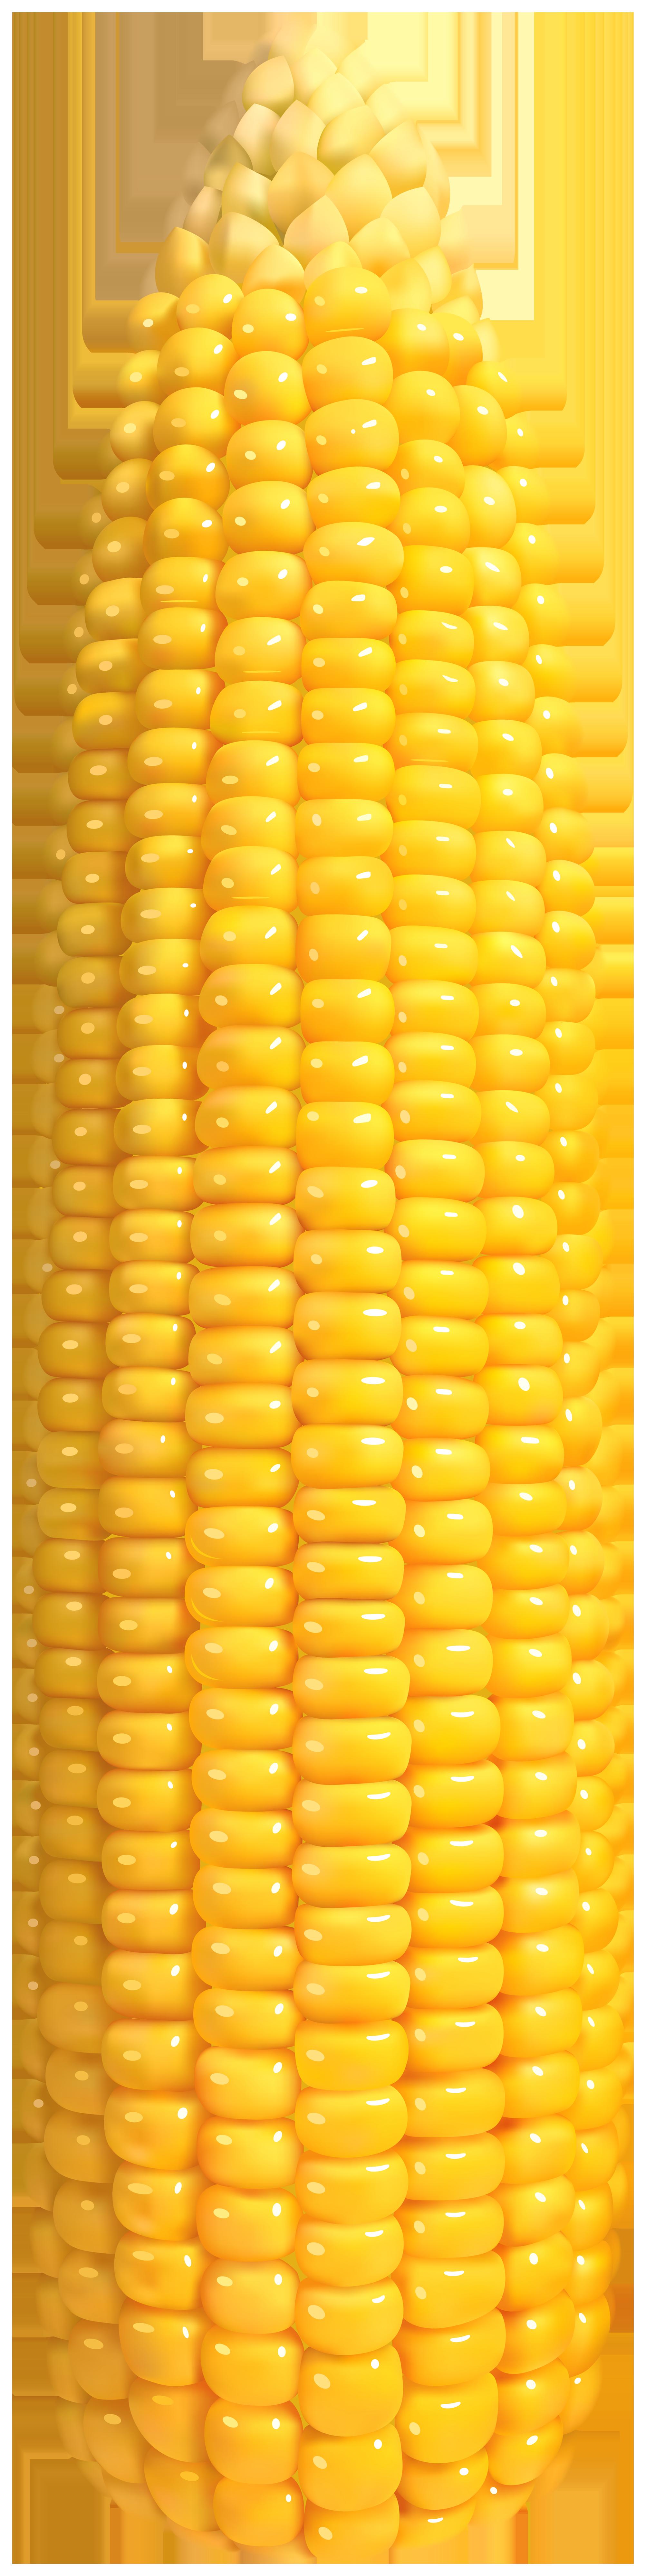 Corn PNG Clip Art.